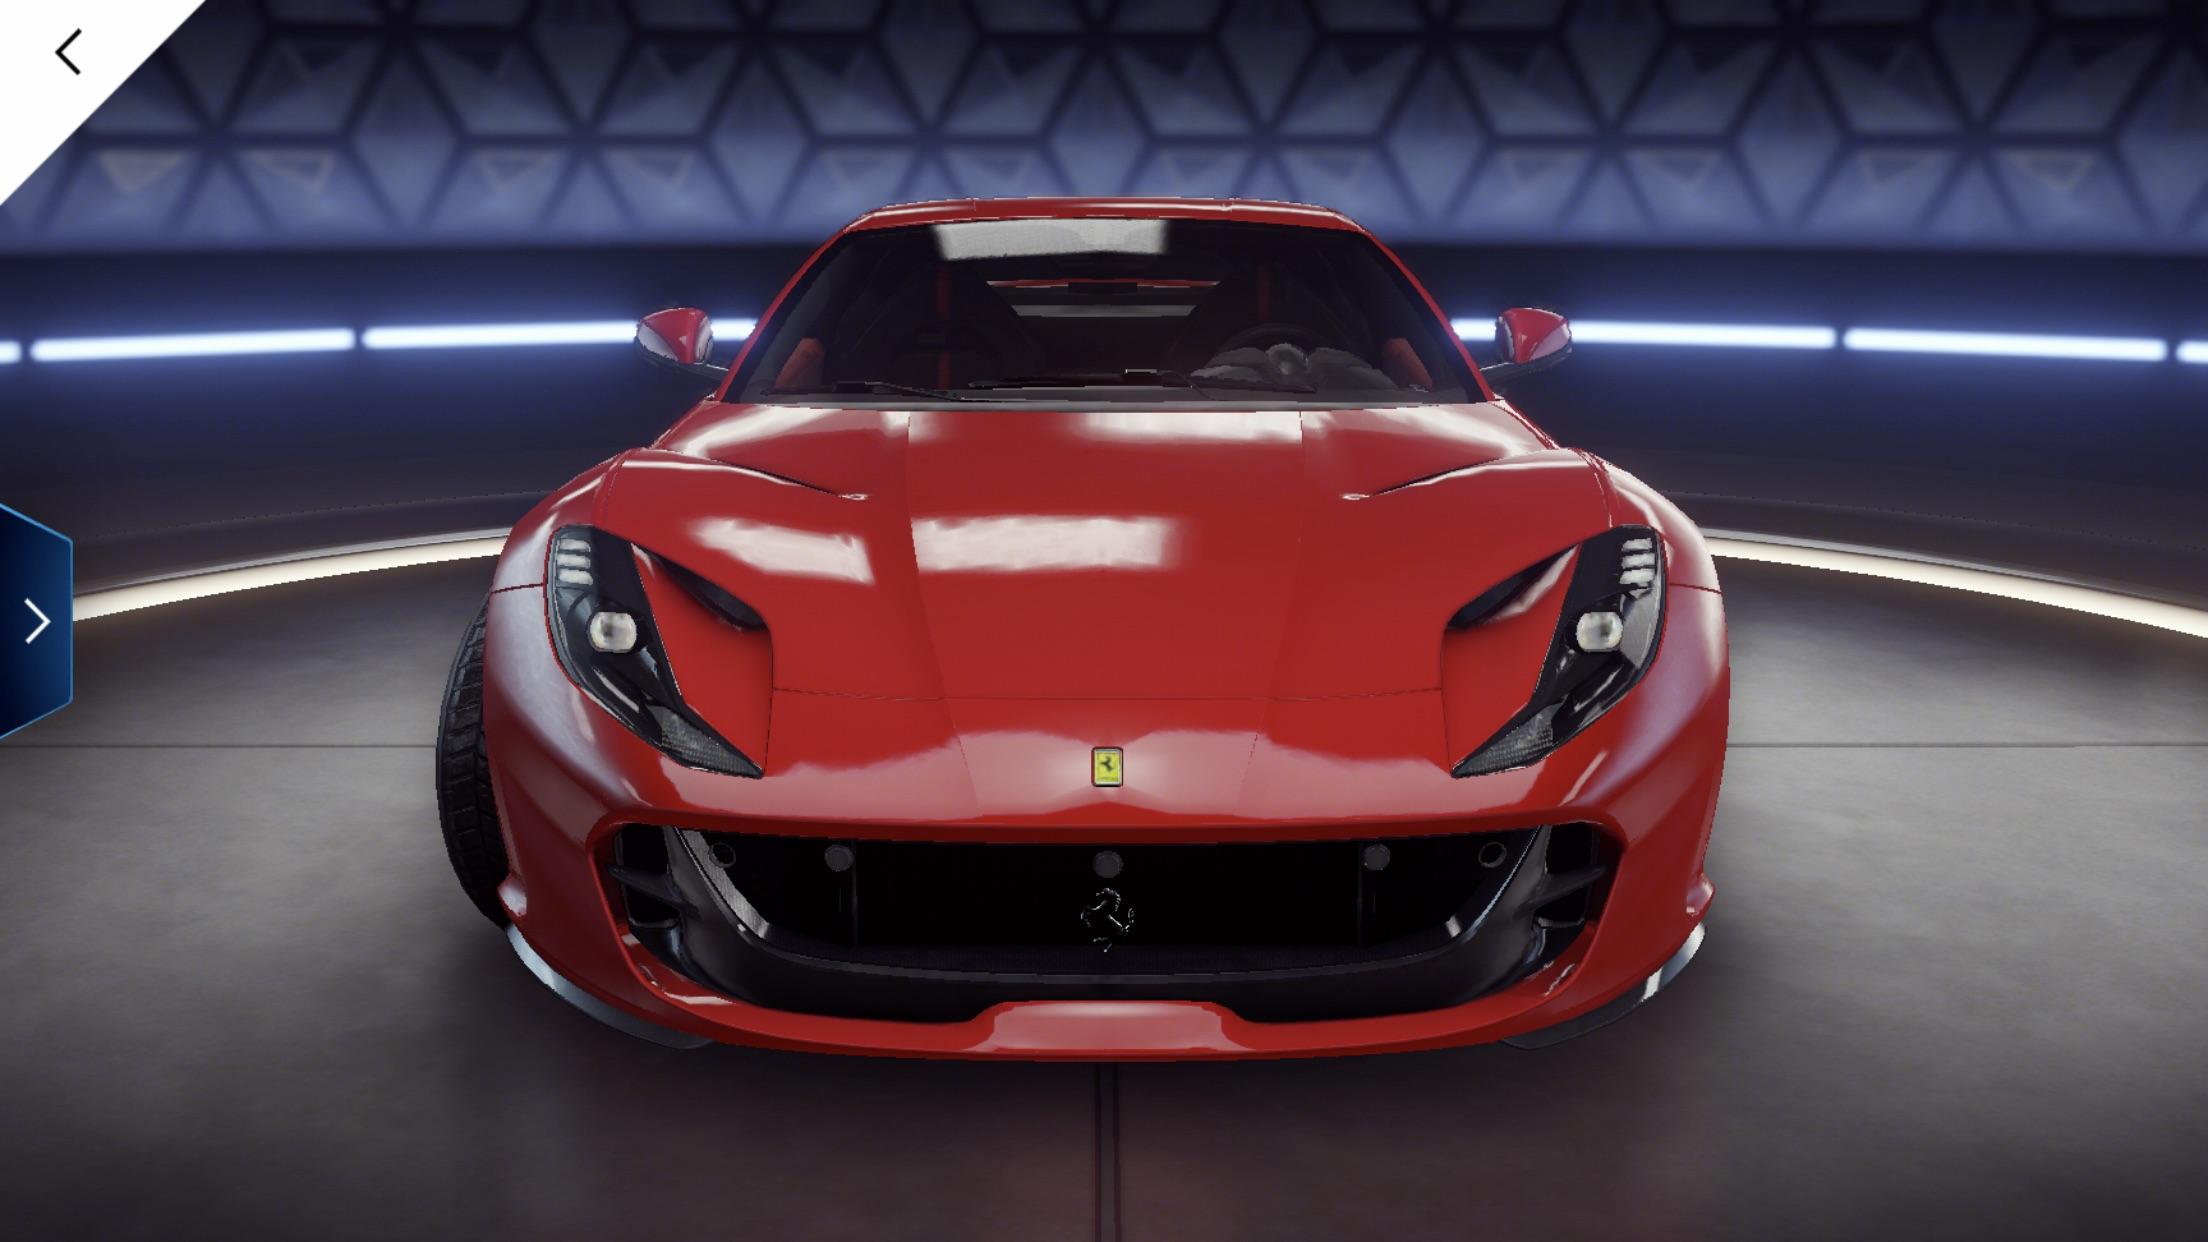 Ferrari 812 Superfast Asphalt 9 Legends Database Test